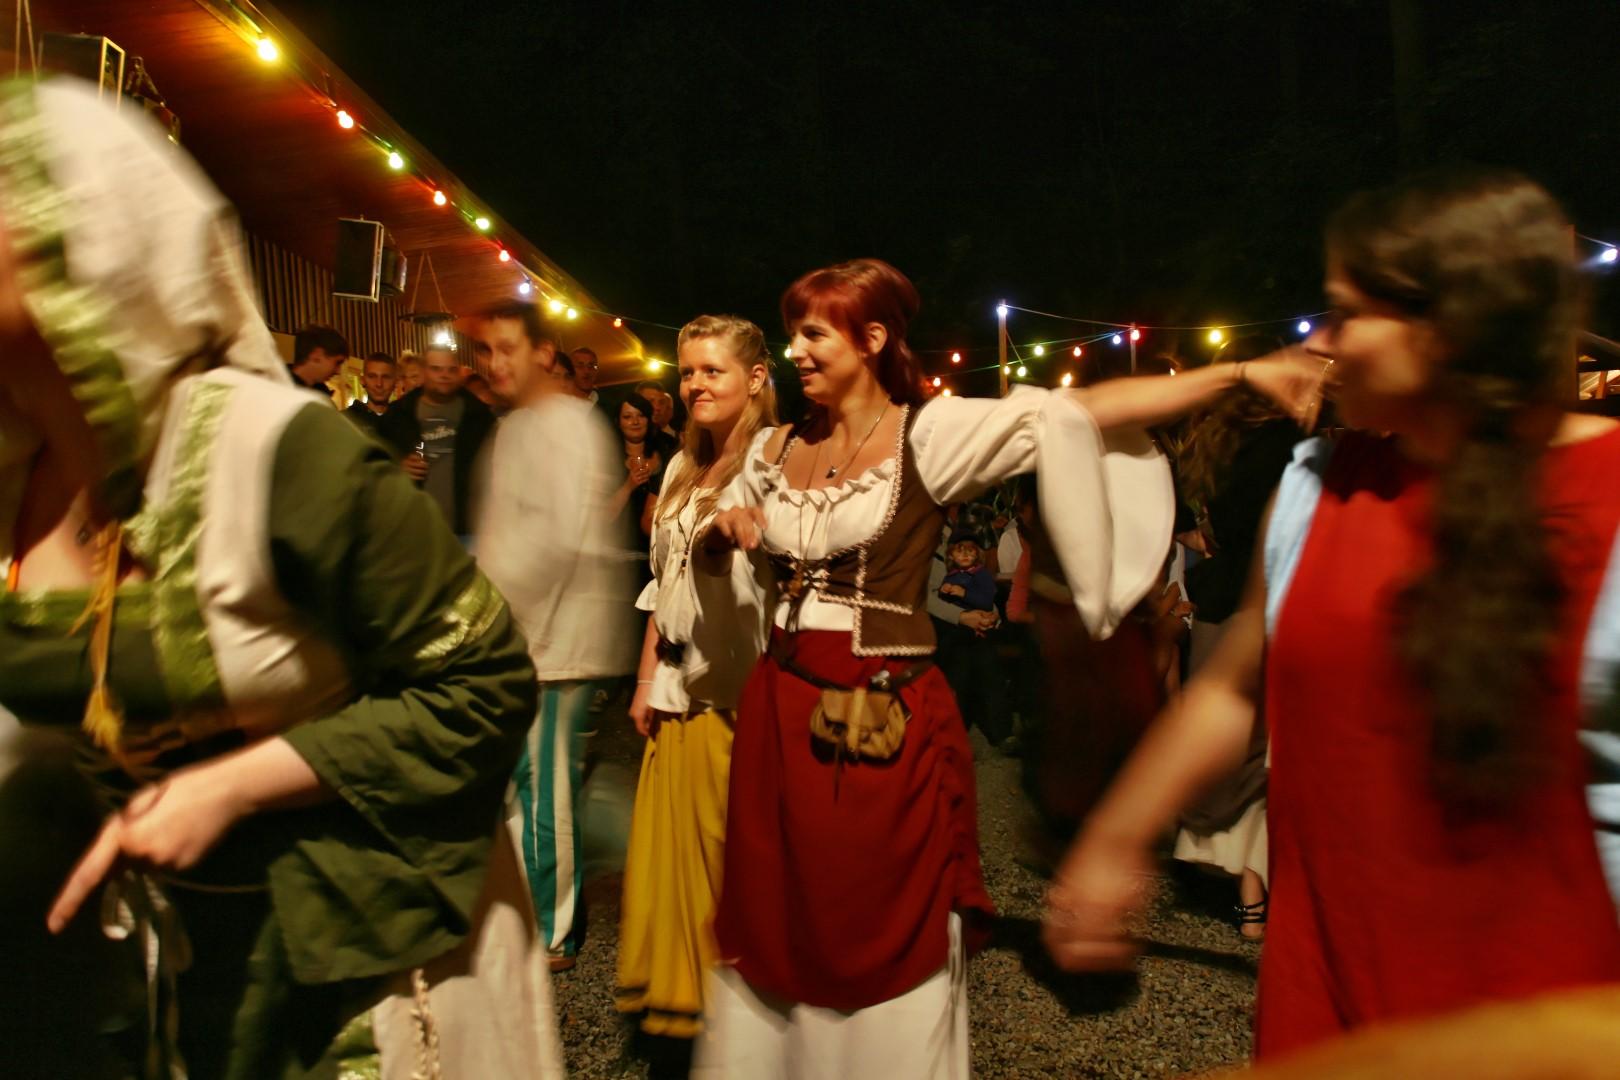 img_1427mittelalterliche_hofepark_zu_schoenbach